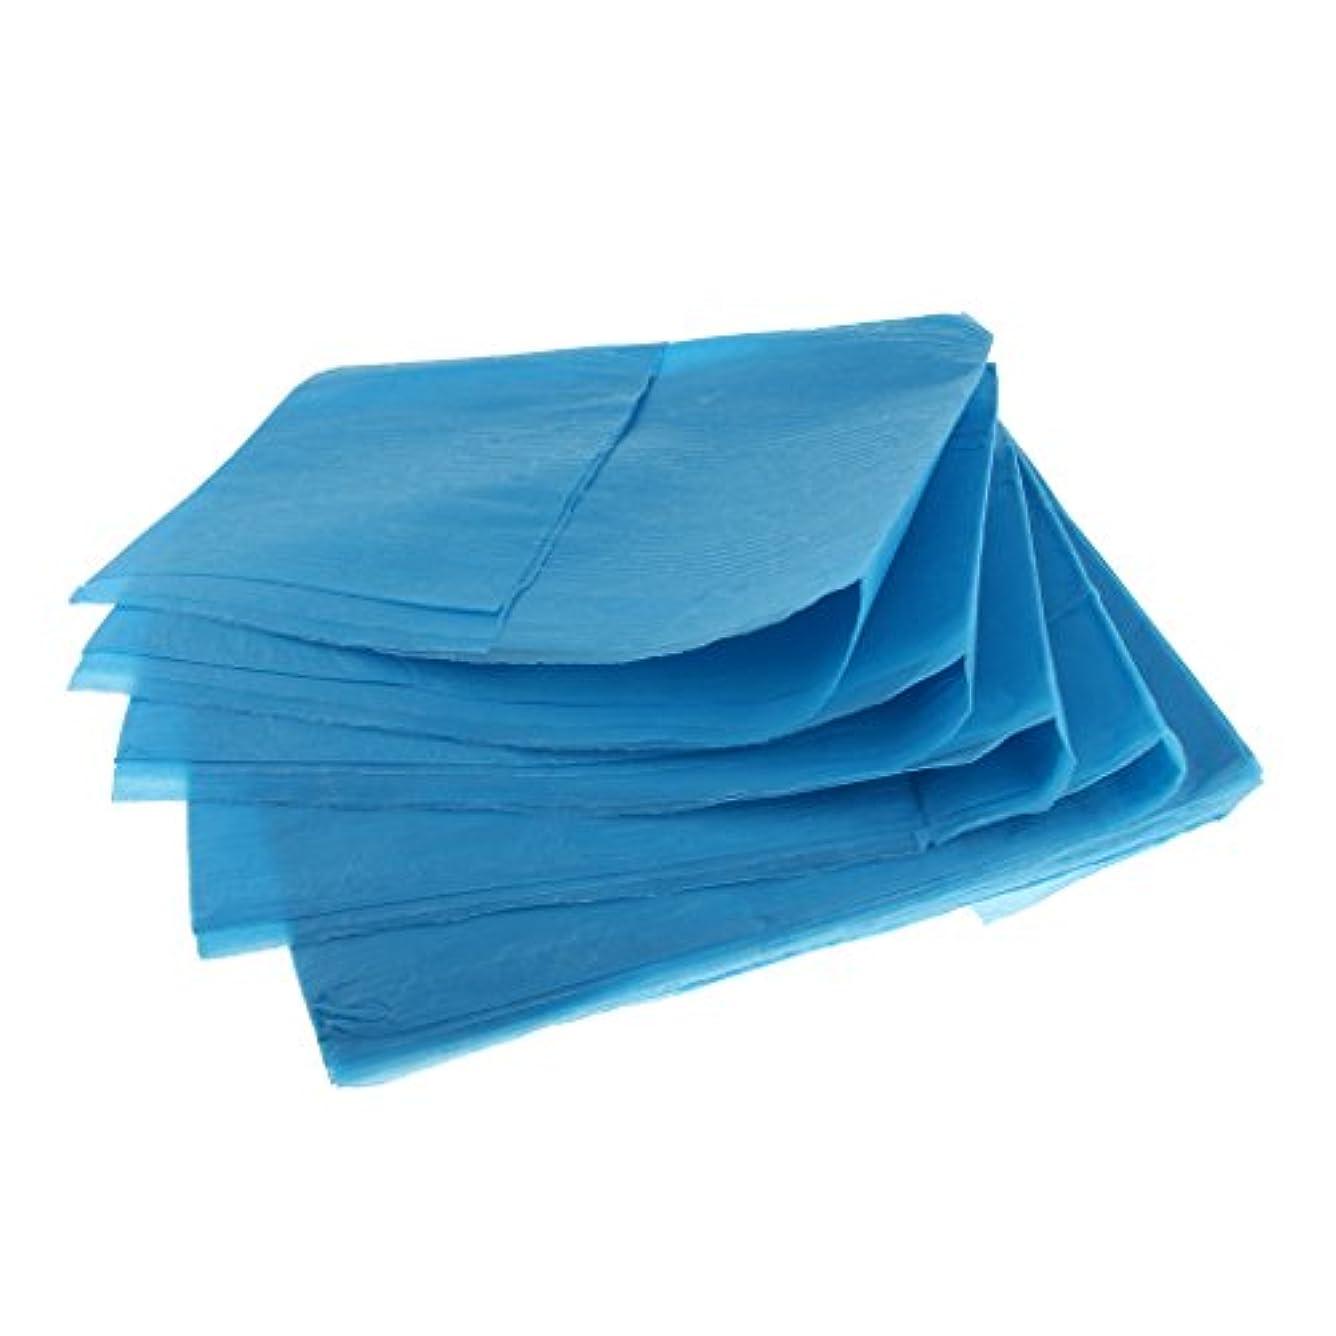 高める疾患前部SONONIA 10枚 使い捨て ベッドシーツ ベッドパッド カバー 妊産婦 生理期間 スキンケア 美容院 サロン ホテル 2色選べ - 青